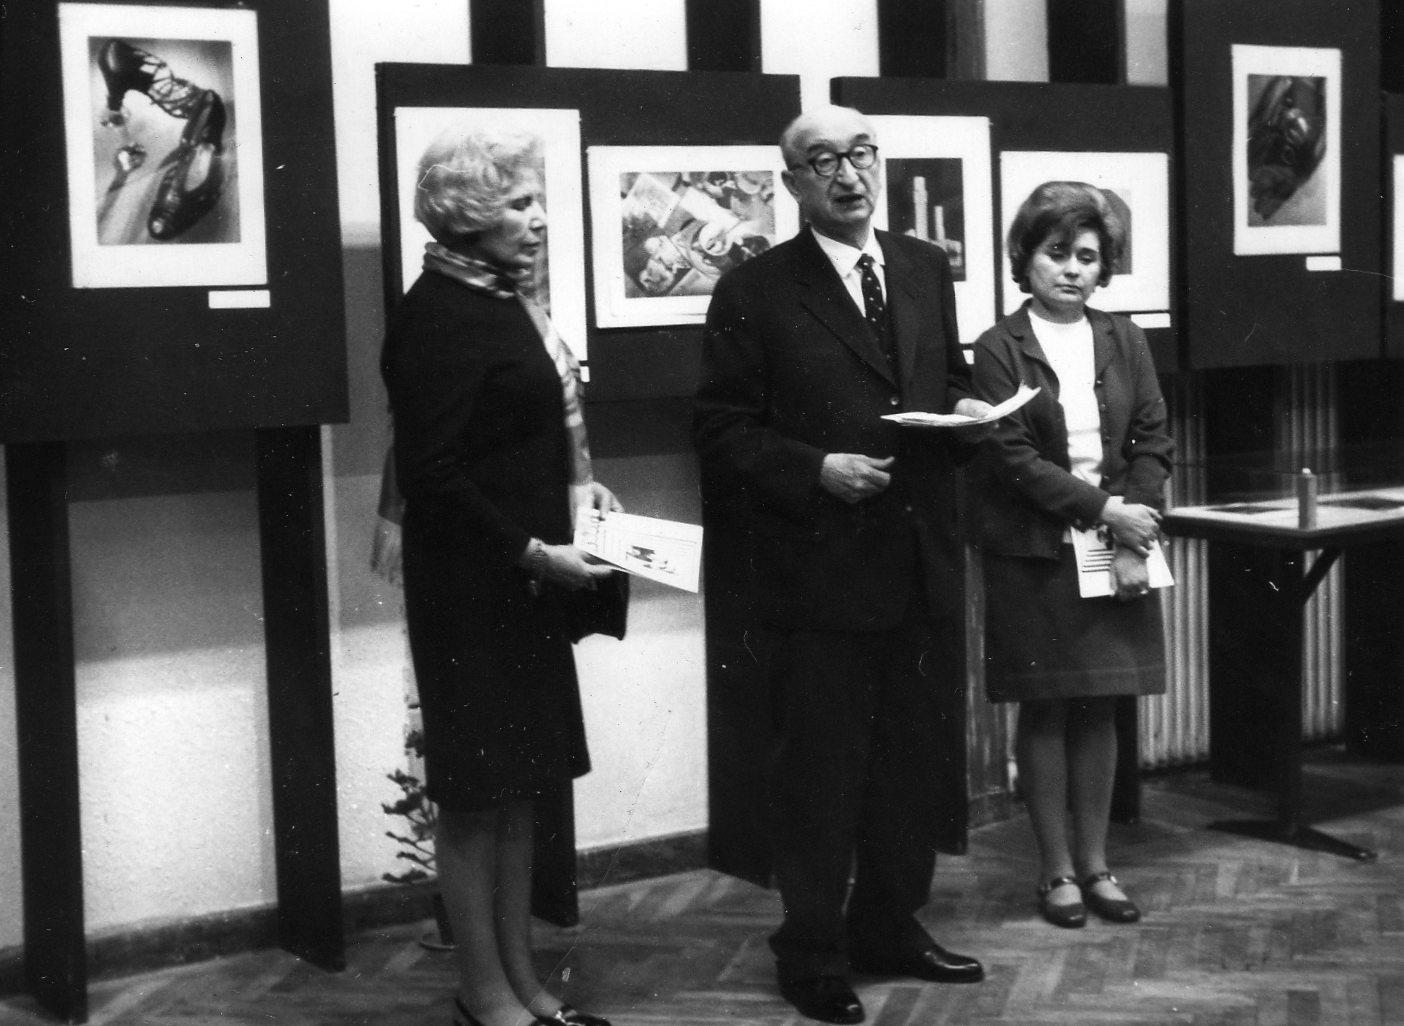 Rozi néni Pécsi József emlékkiállításának megnyitóján a Műcsarnokban, 1970. június 5.